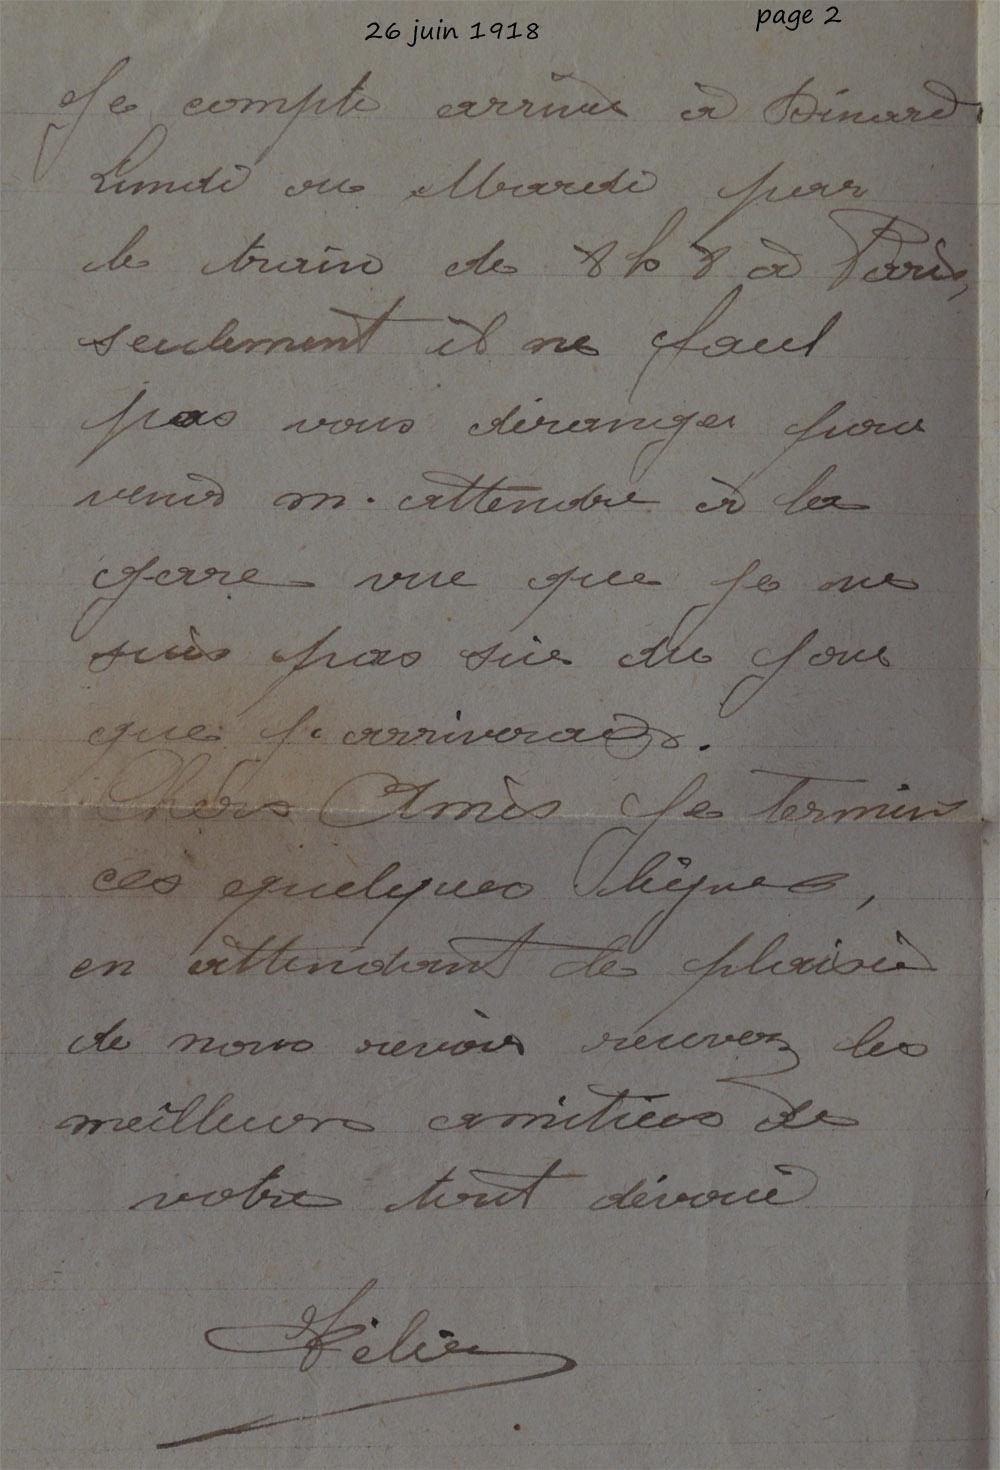 1918 06 26 felix ecrit a ses amis page 2 modif